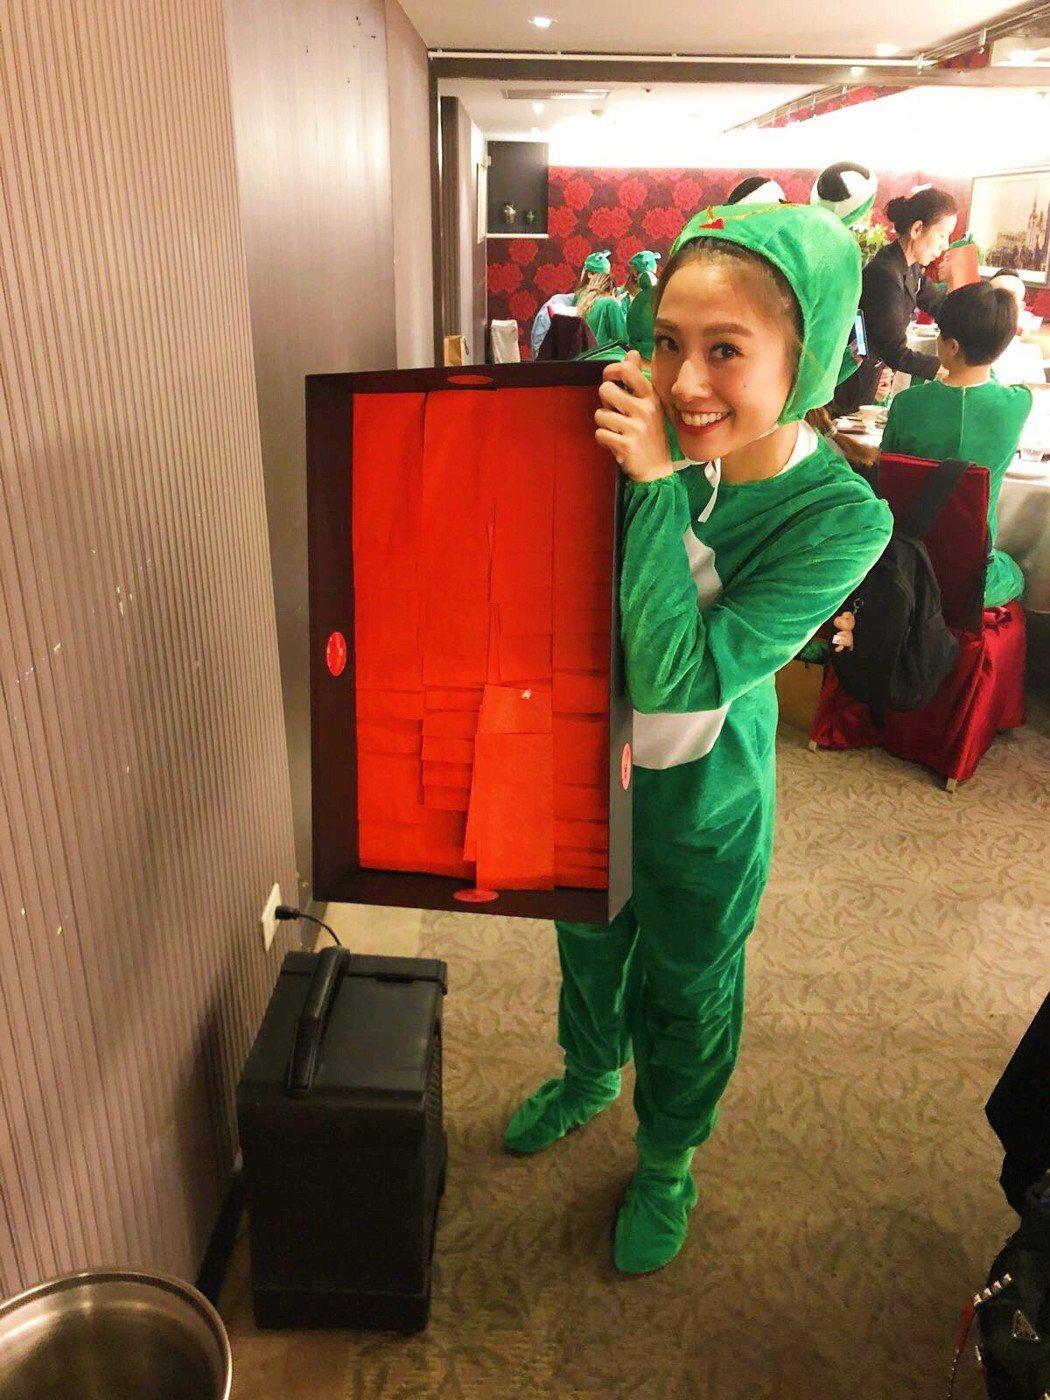 鬼鬼準備多套青蛙裝,完成dress code派對極致的成就。圖/吳映潔工作室提供